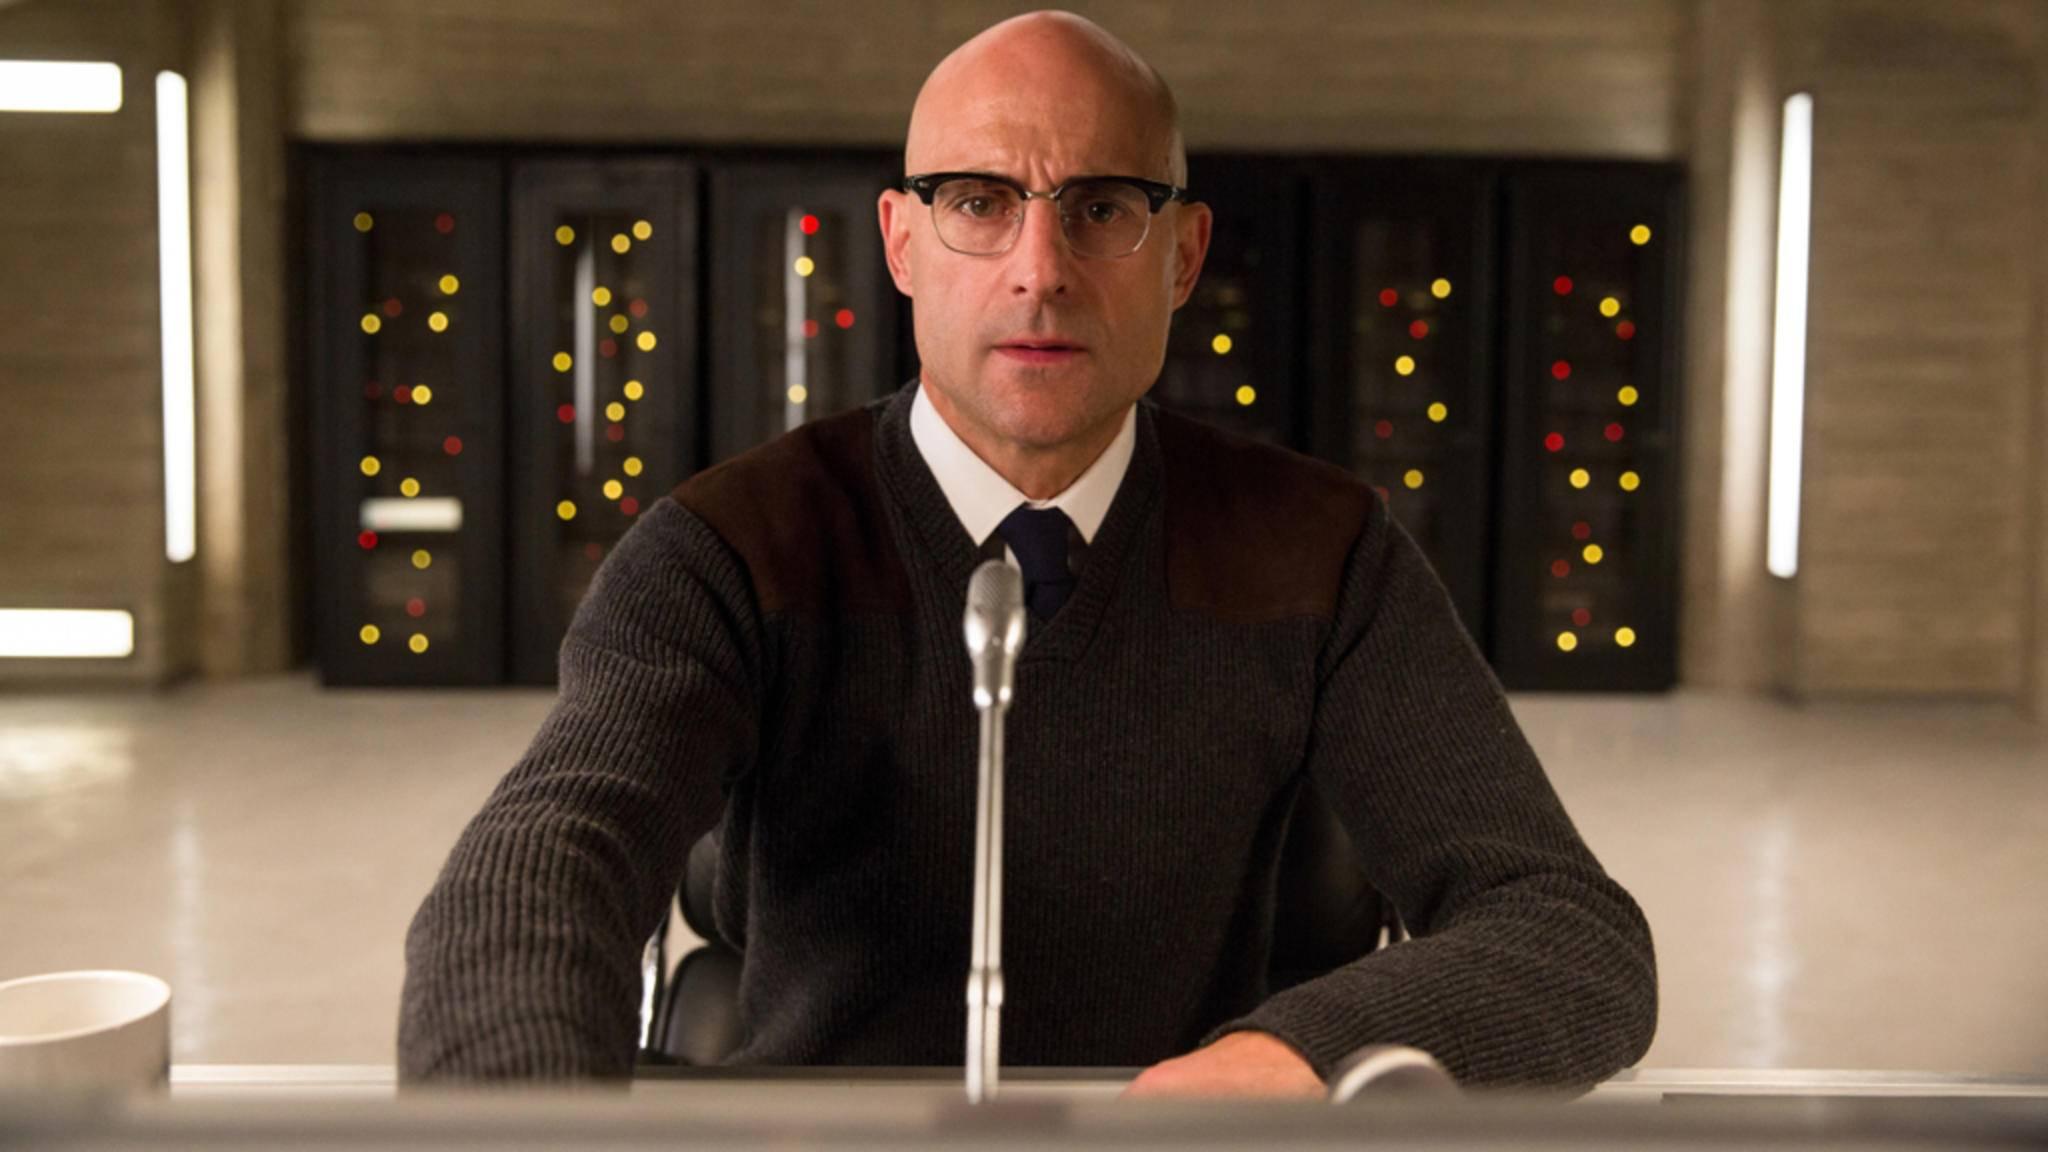 """Wechselt im Comic-Universum von den Guten zu den Bösen: Nach seinem Part in """"Kingsman"""" soll Mark Strong zum """"Shazam!""""-Schurken werden."""